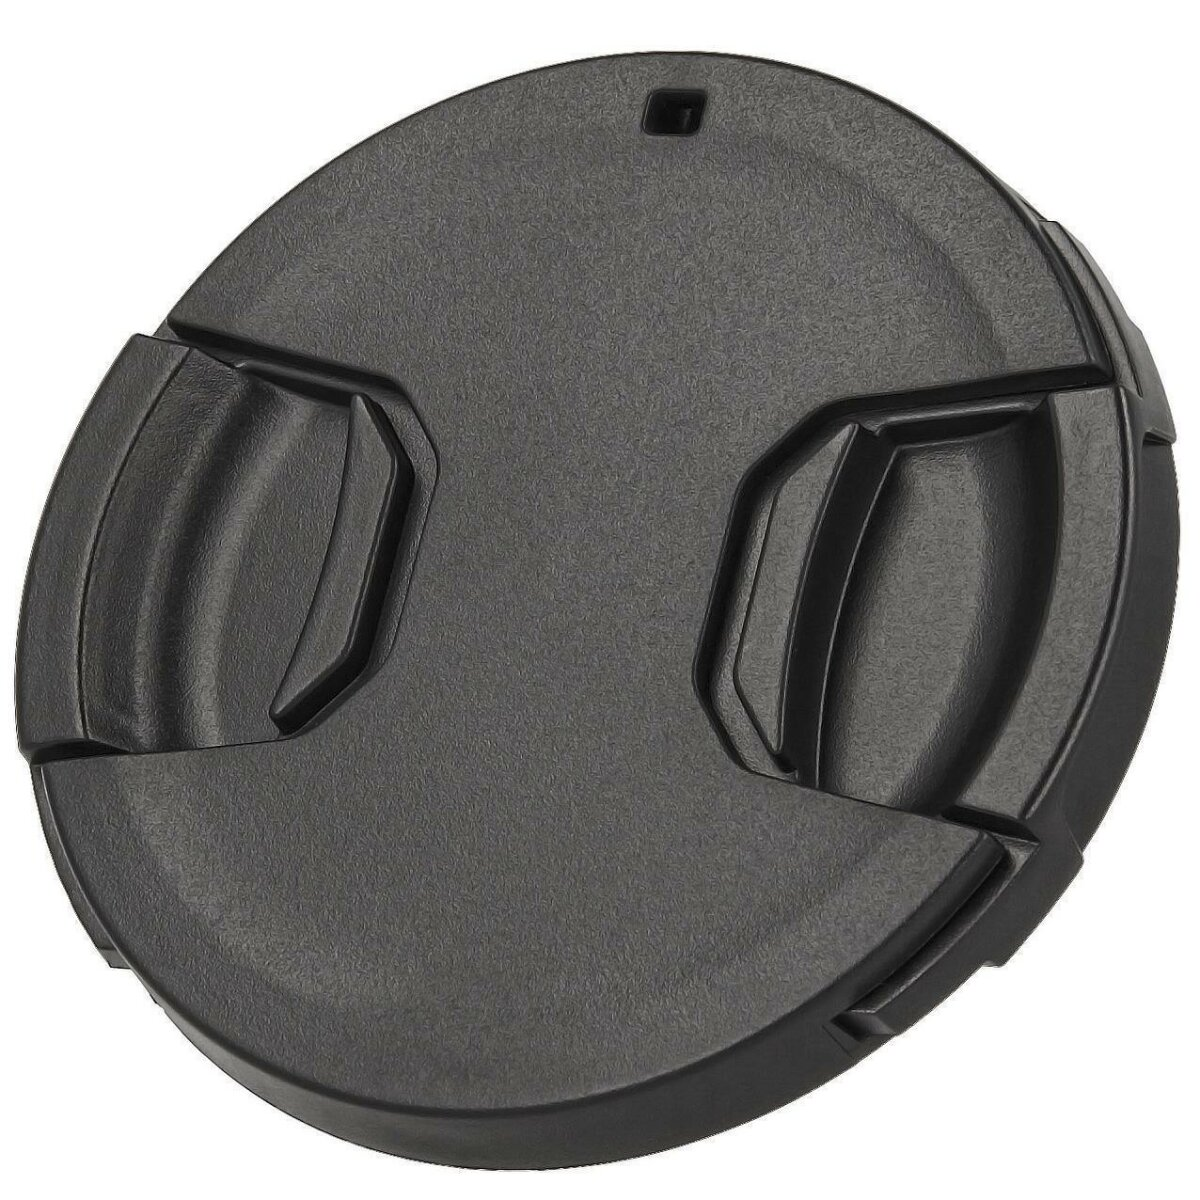 JJC Objektivdeckel 58mm Filtergewinde Lens Cap Frontdeckel Schnappdeckel für Objektive geeignet